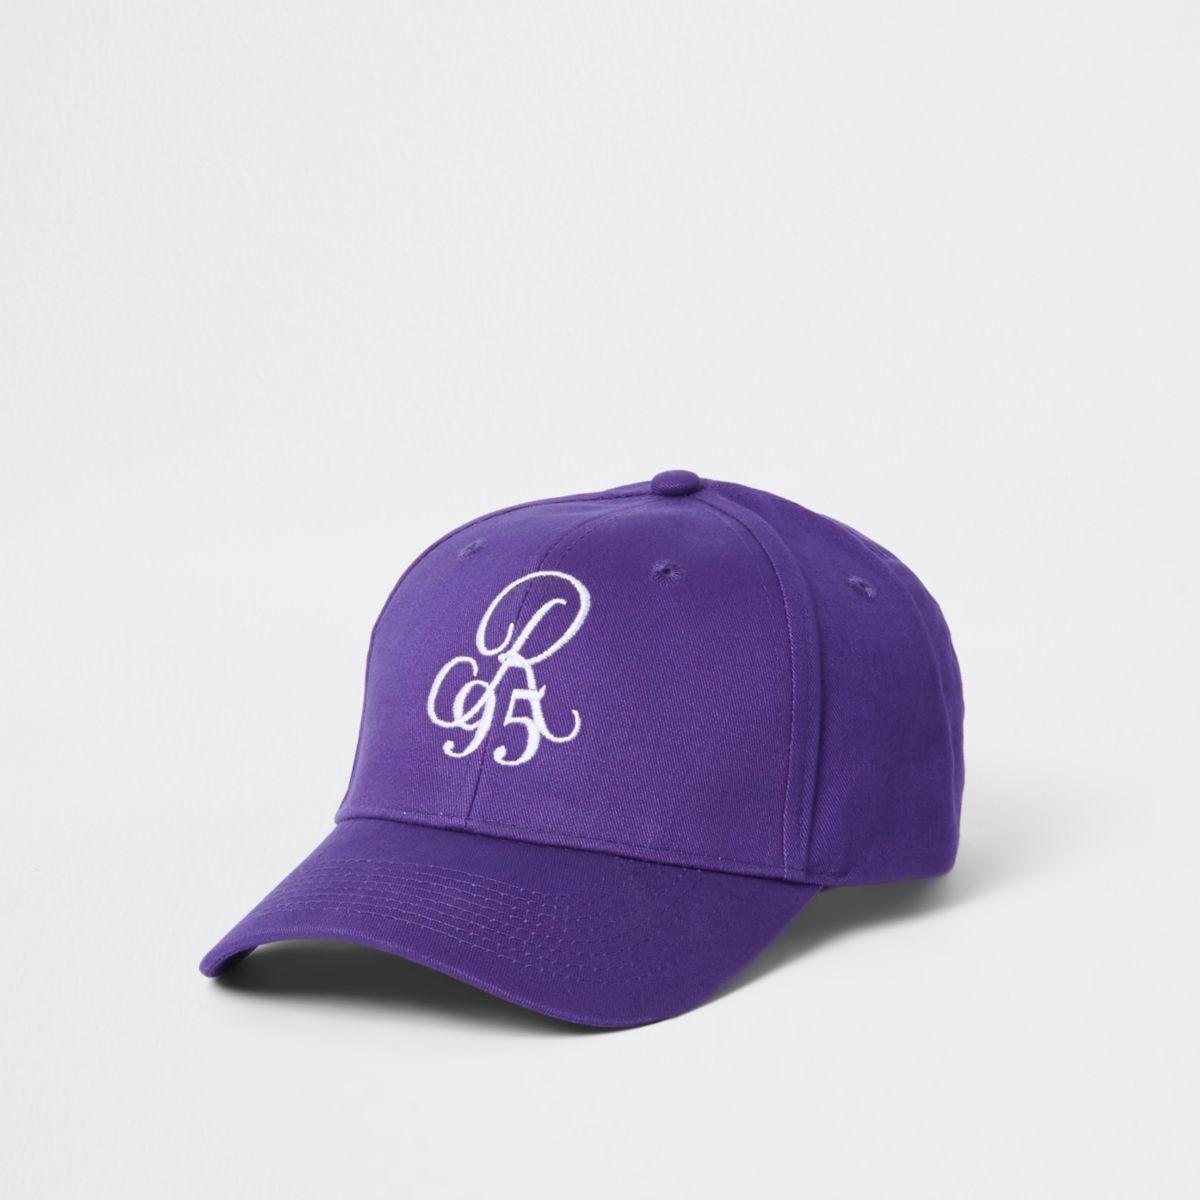 Purple 'R90' baseball cap